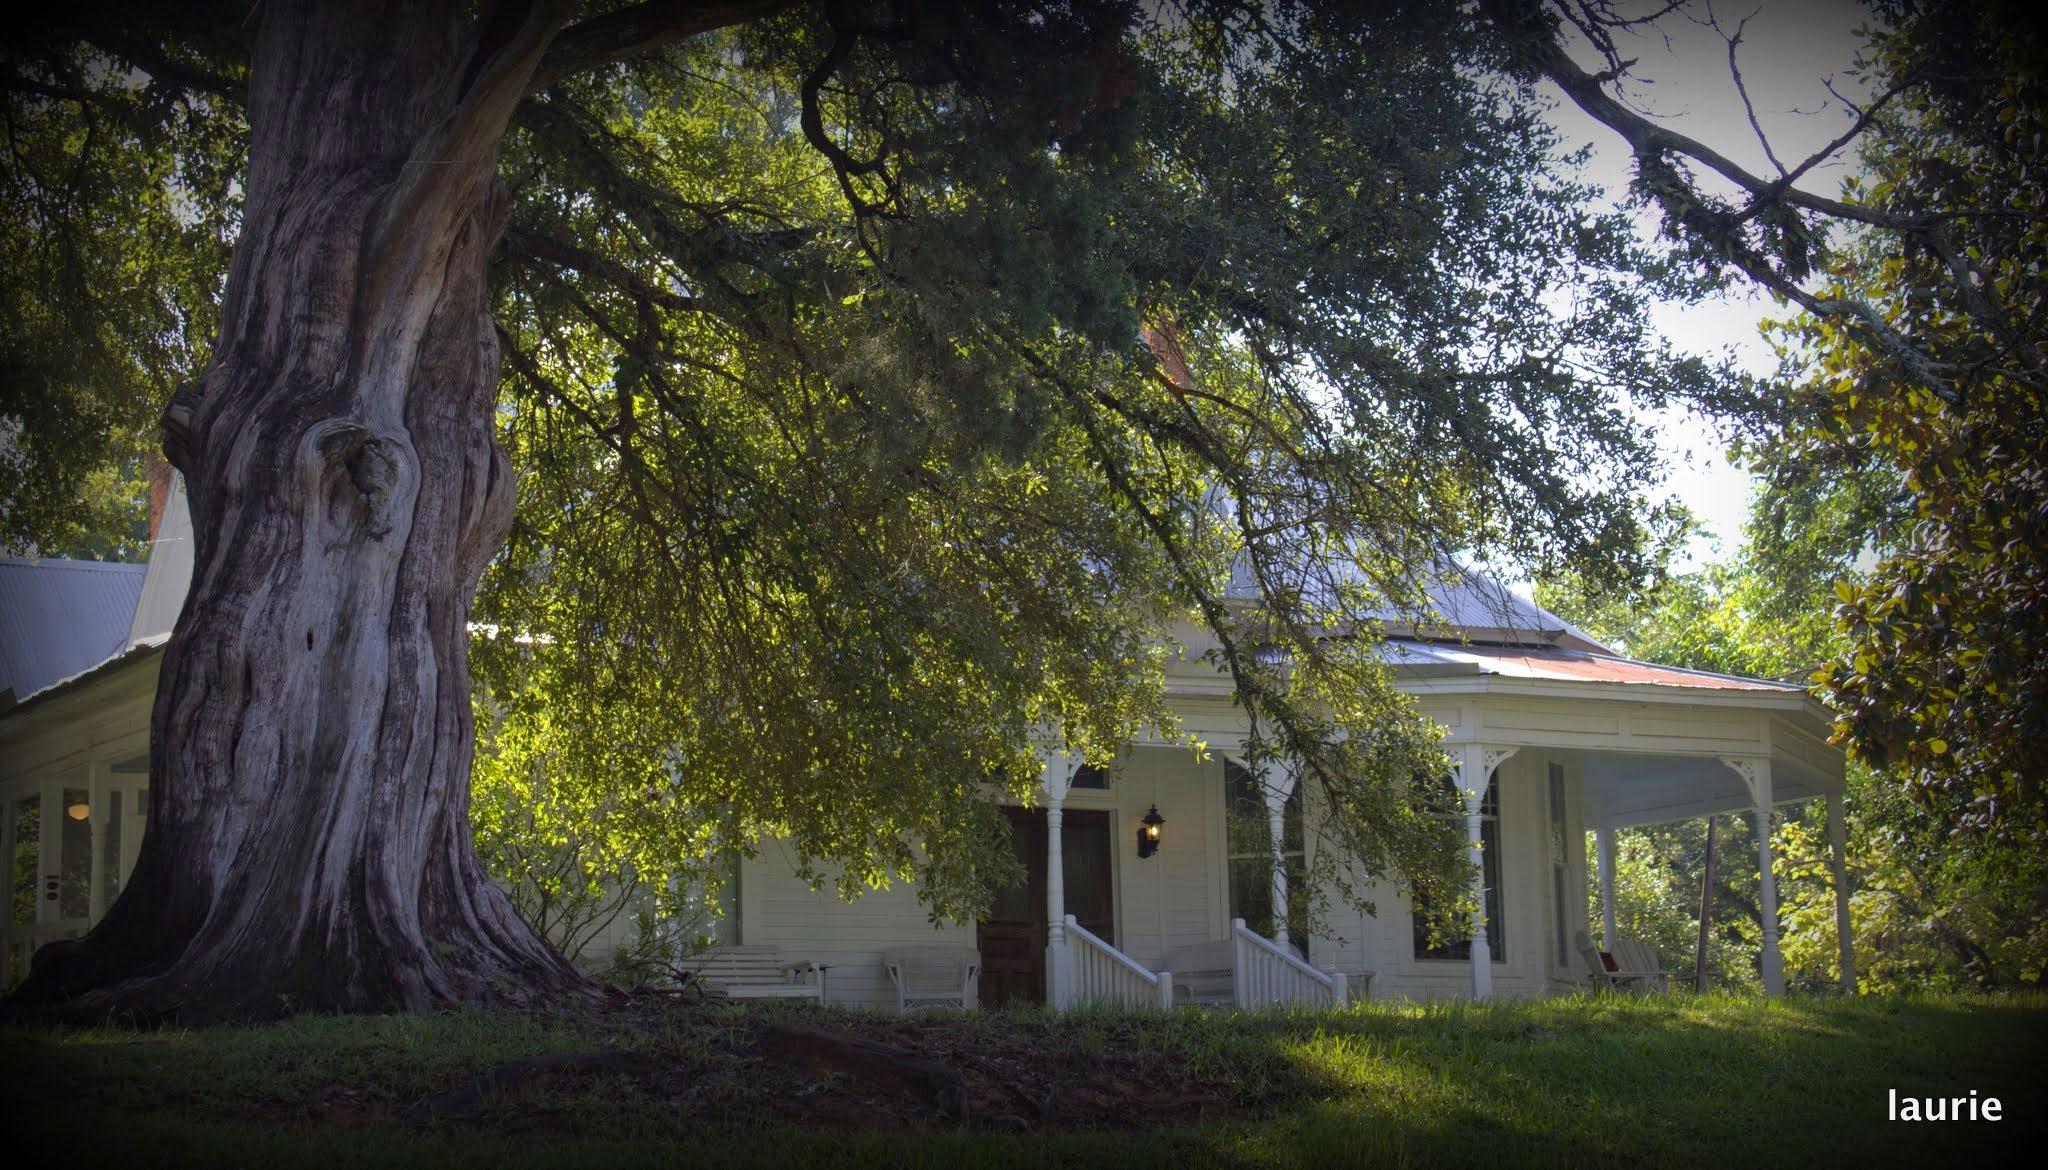 oak tree and house